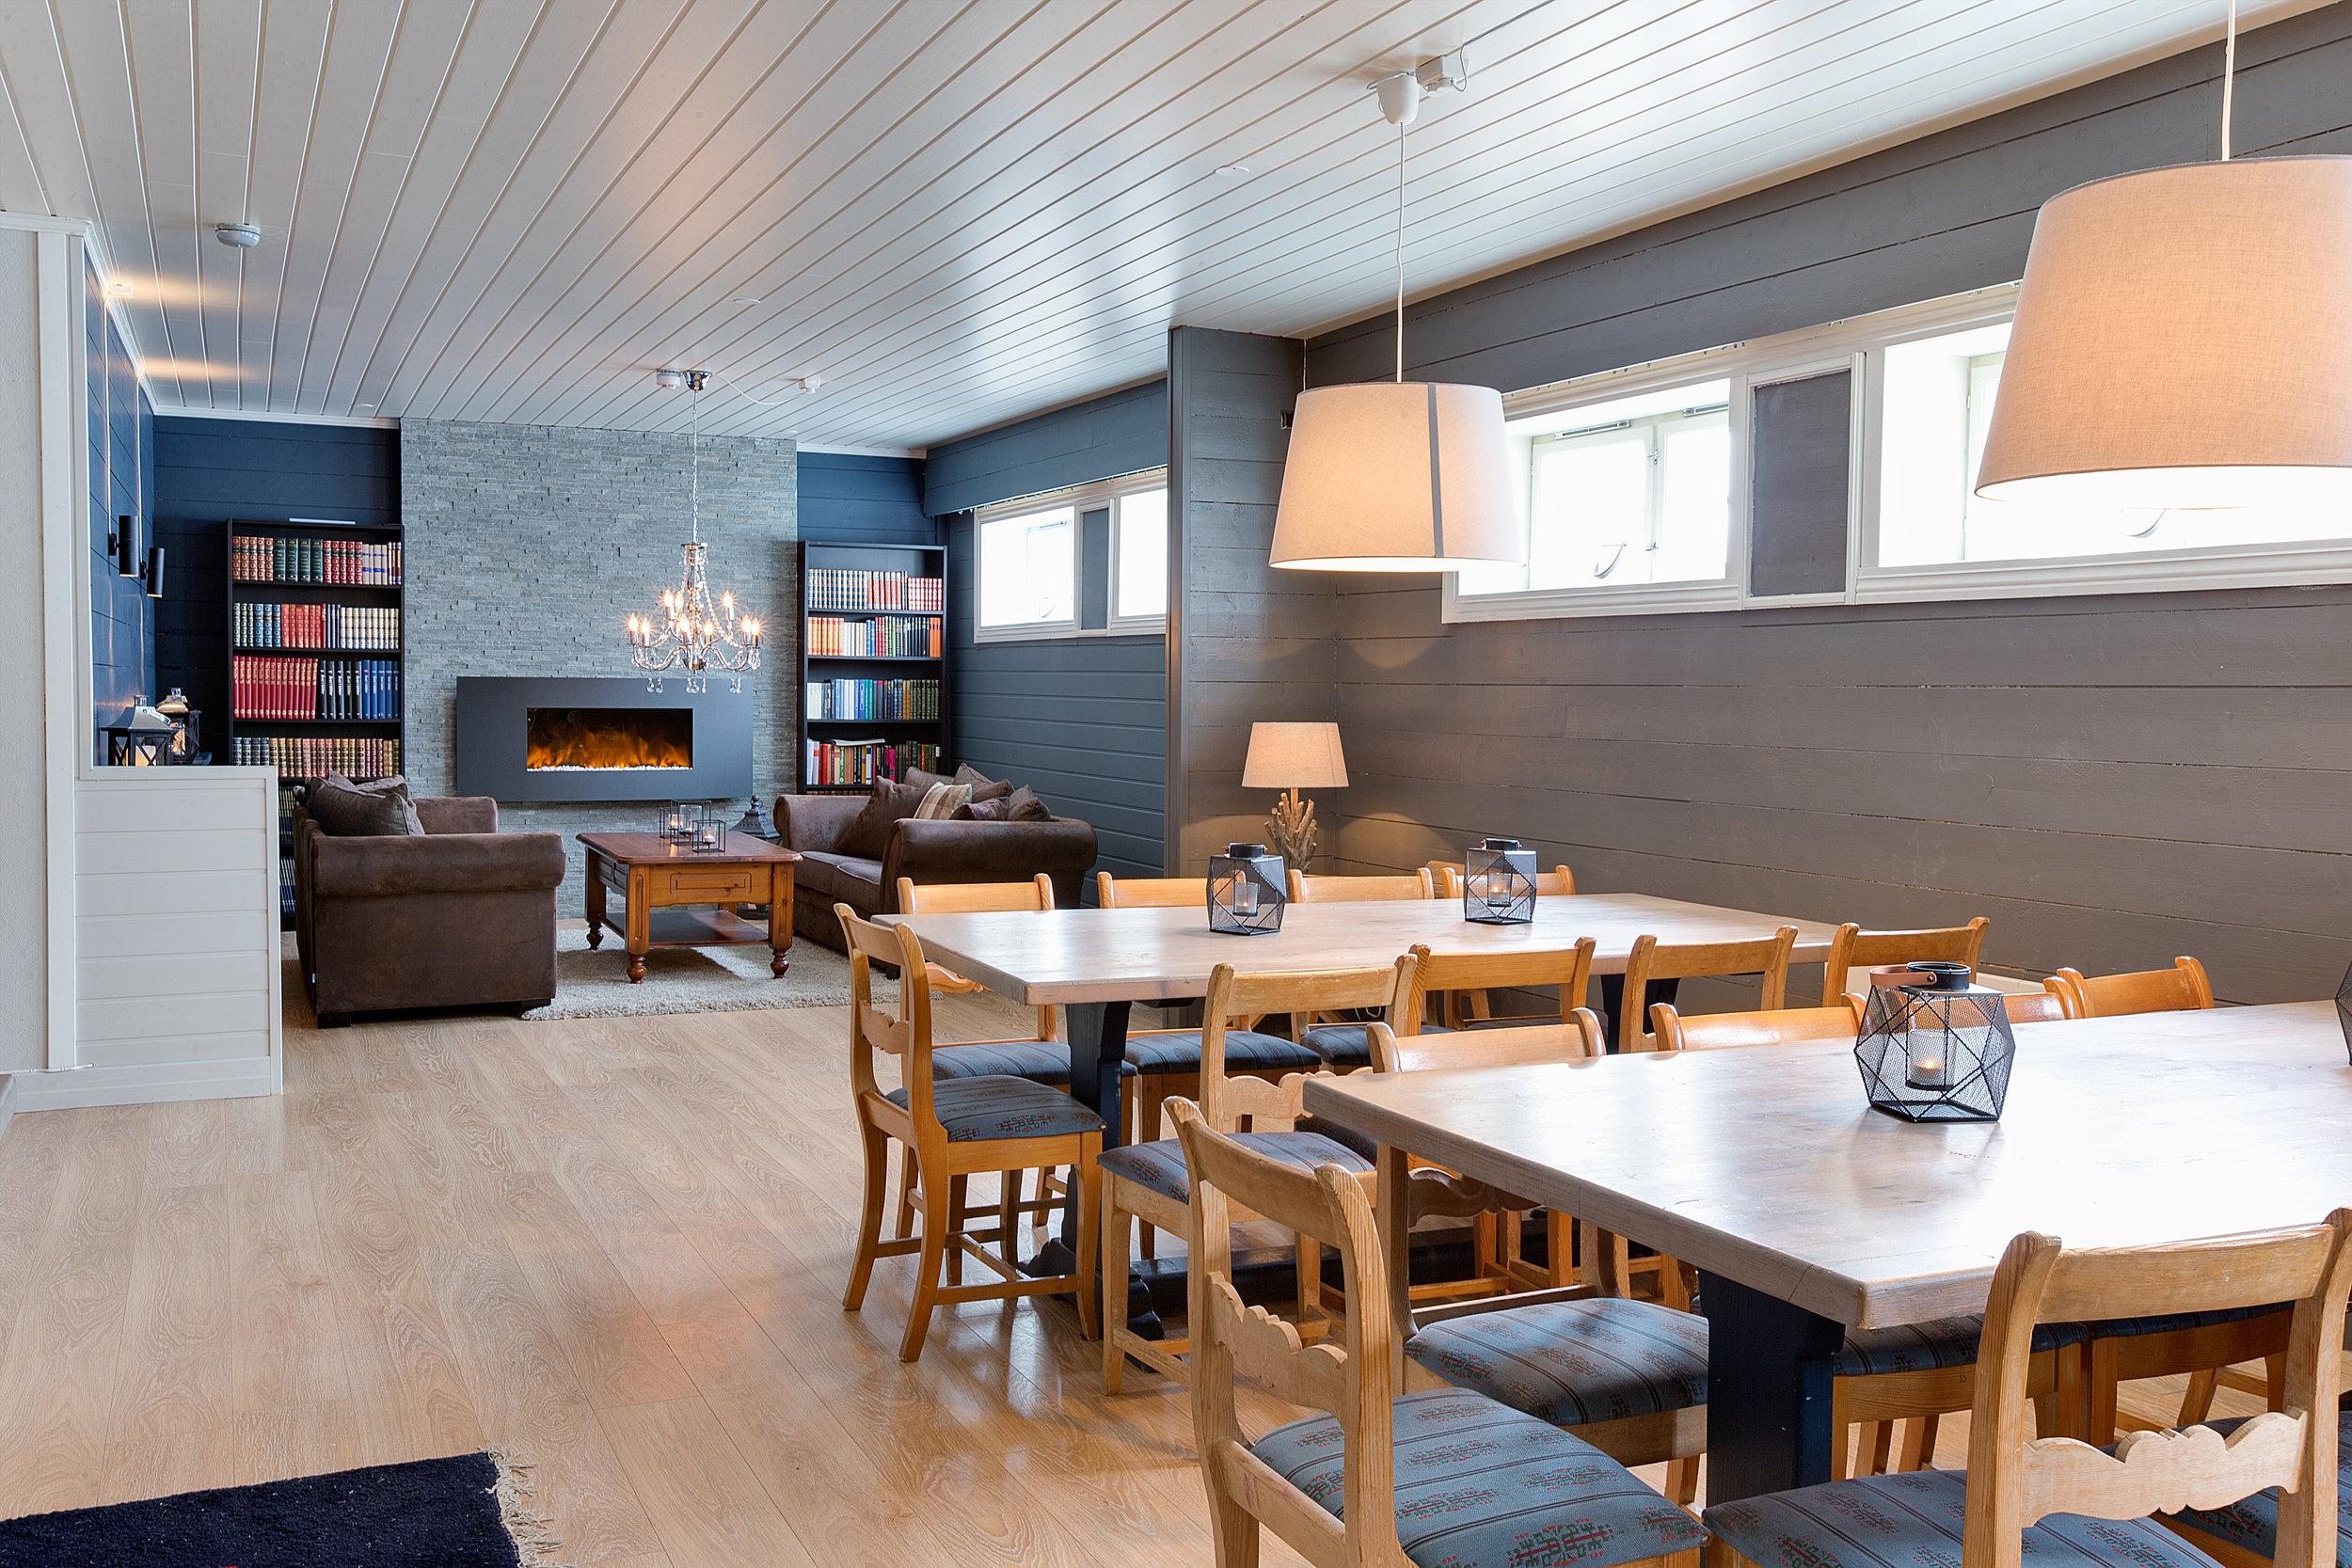 Biblioteket - Biblioteket ligger i underetasjen til Fjellstua. Biblioteket er nyoppusset med elektrisk peis, flere sittegrupper, projektor og musikkanlegg. Garderobe og toalett finnes i samme etasje.I Biblioteket kan bordene settes sammen til langbord, og det er plass til 20 - 40 personer.